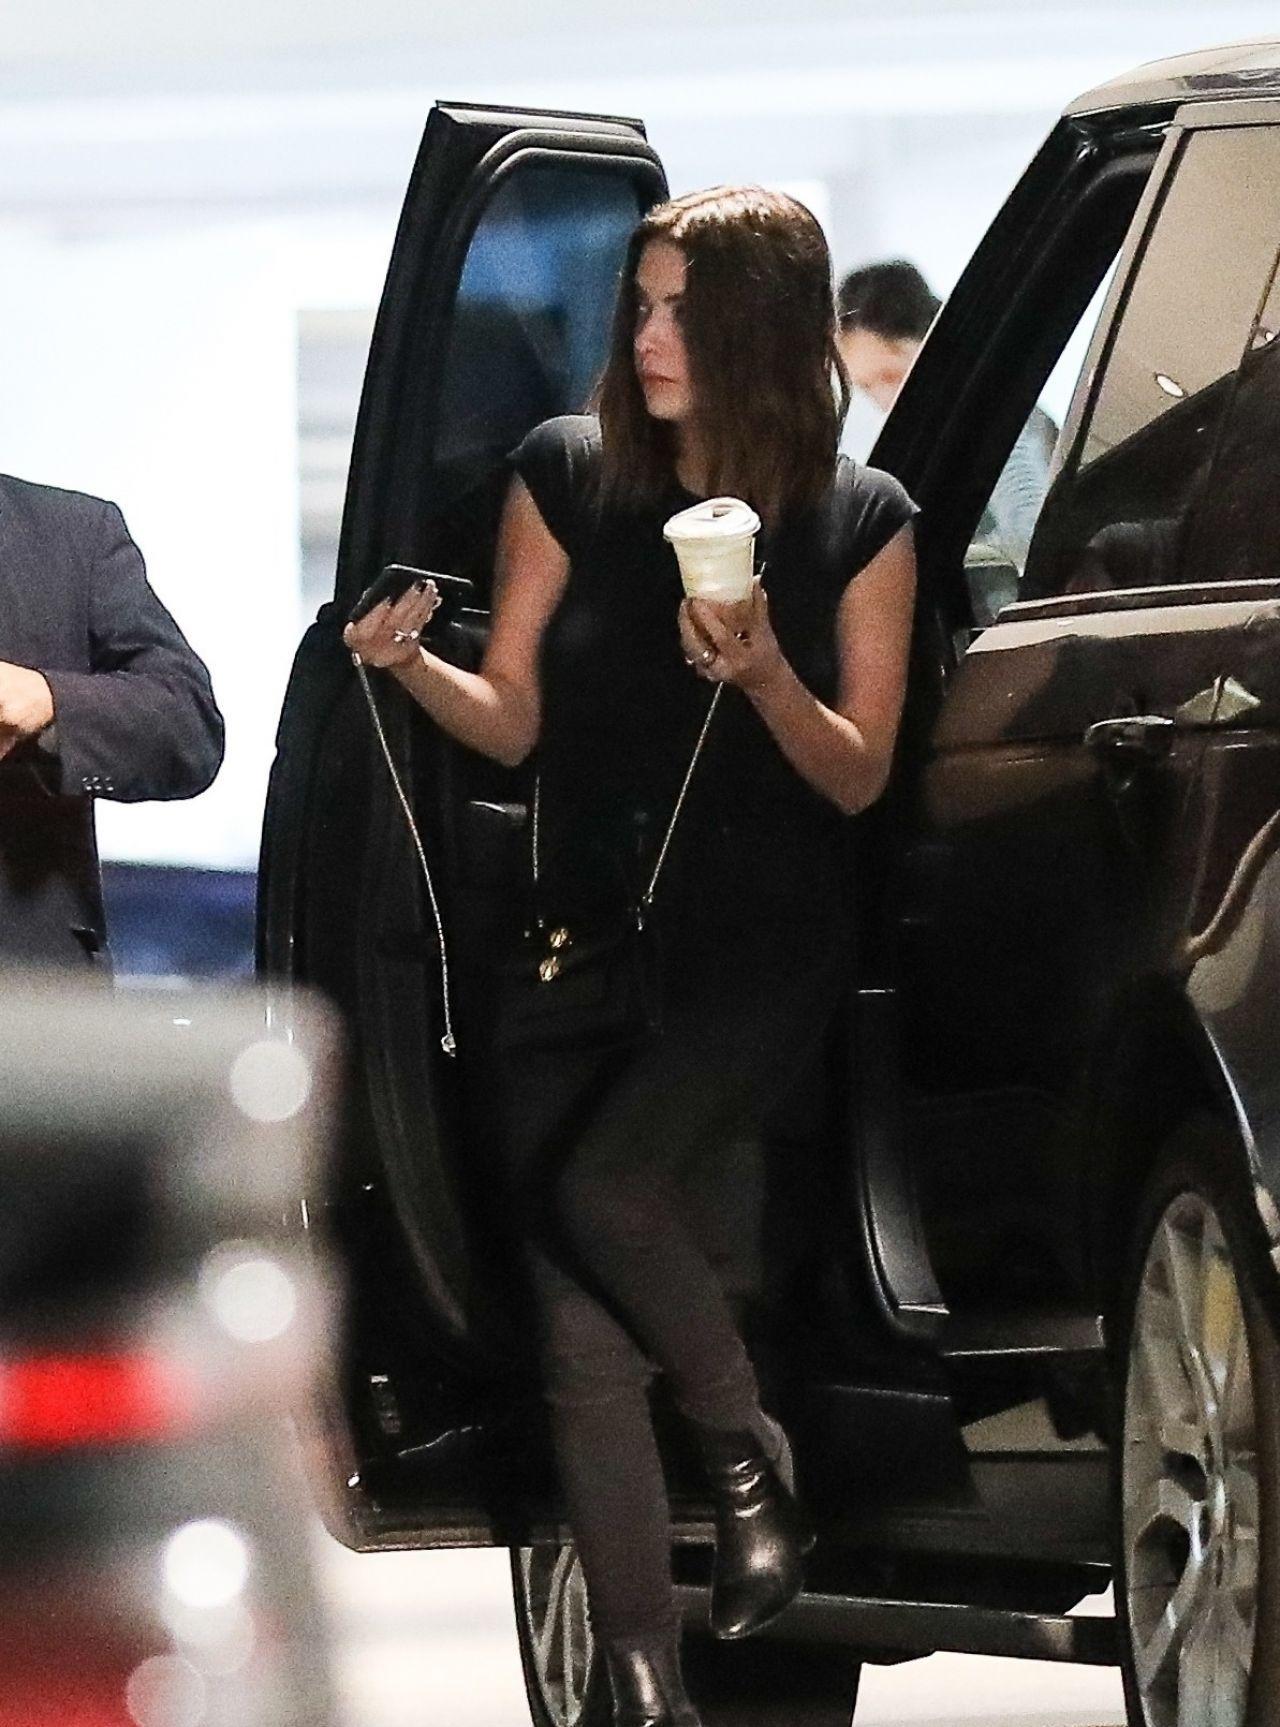 女星艾什莉·本森洛杉矶时尚街拍,她身上有着迷人的韵味